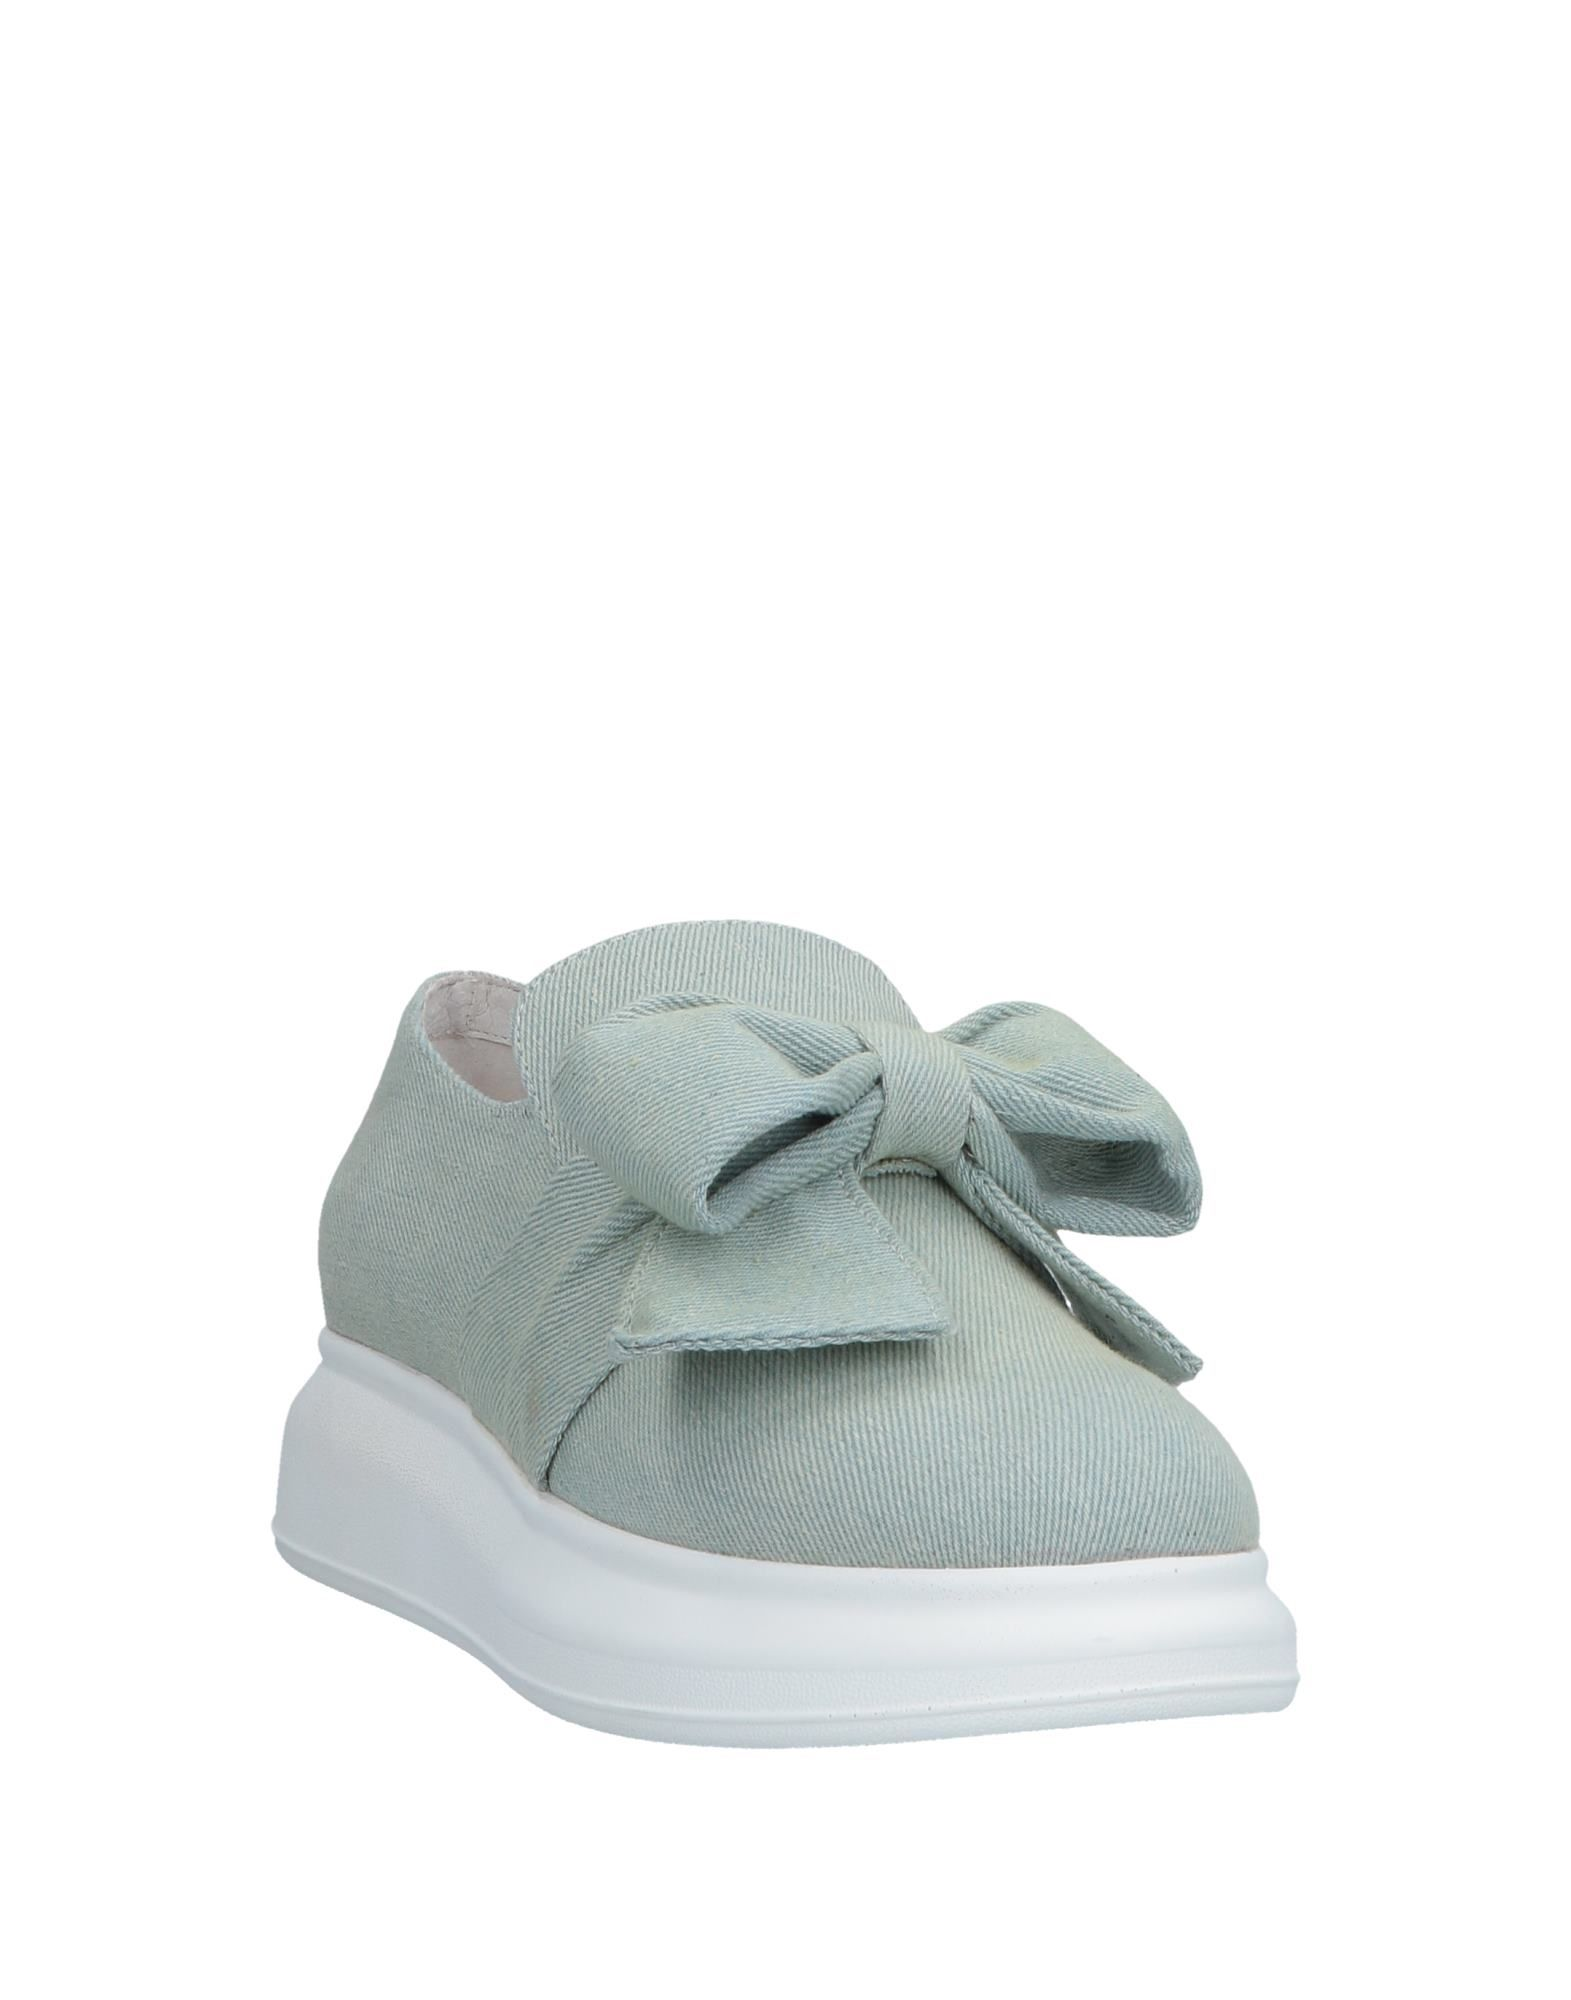 Jeffrey Campbell Sneakers Damen  Schuhe 11572285GJ Gute Qualität beliebte Schuhe  63e1f3